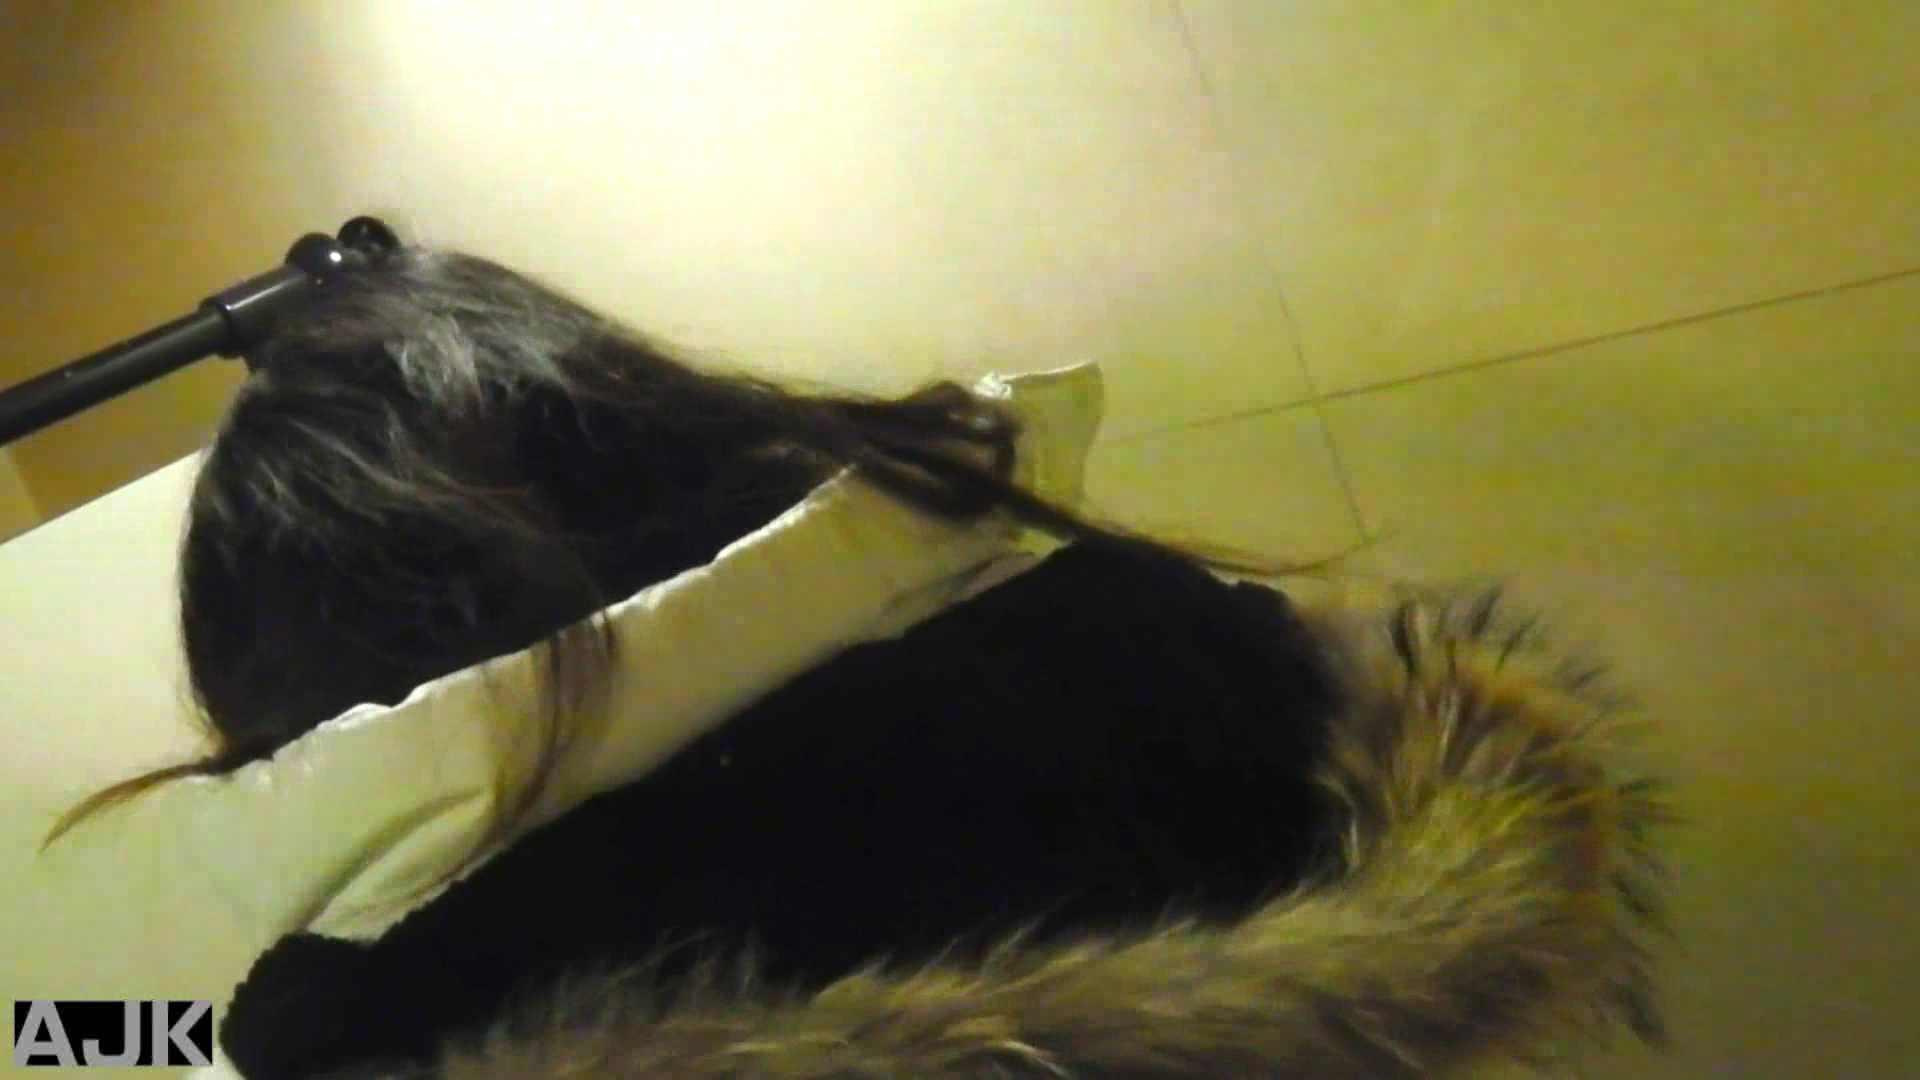 神降臨!史上最強の潜入かわや! vol.02 美女まとめ オマンコ無修正動画無料 90PIX 76